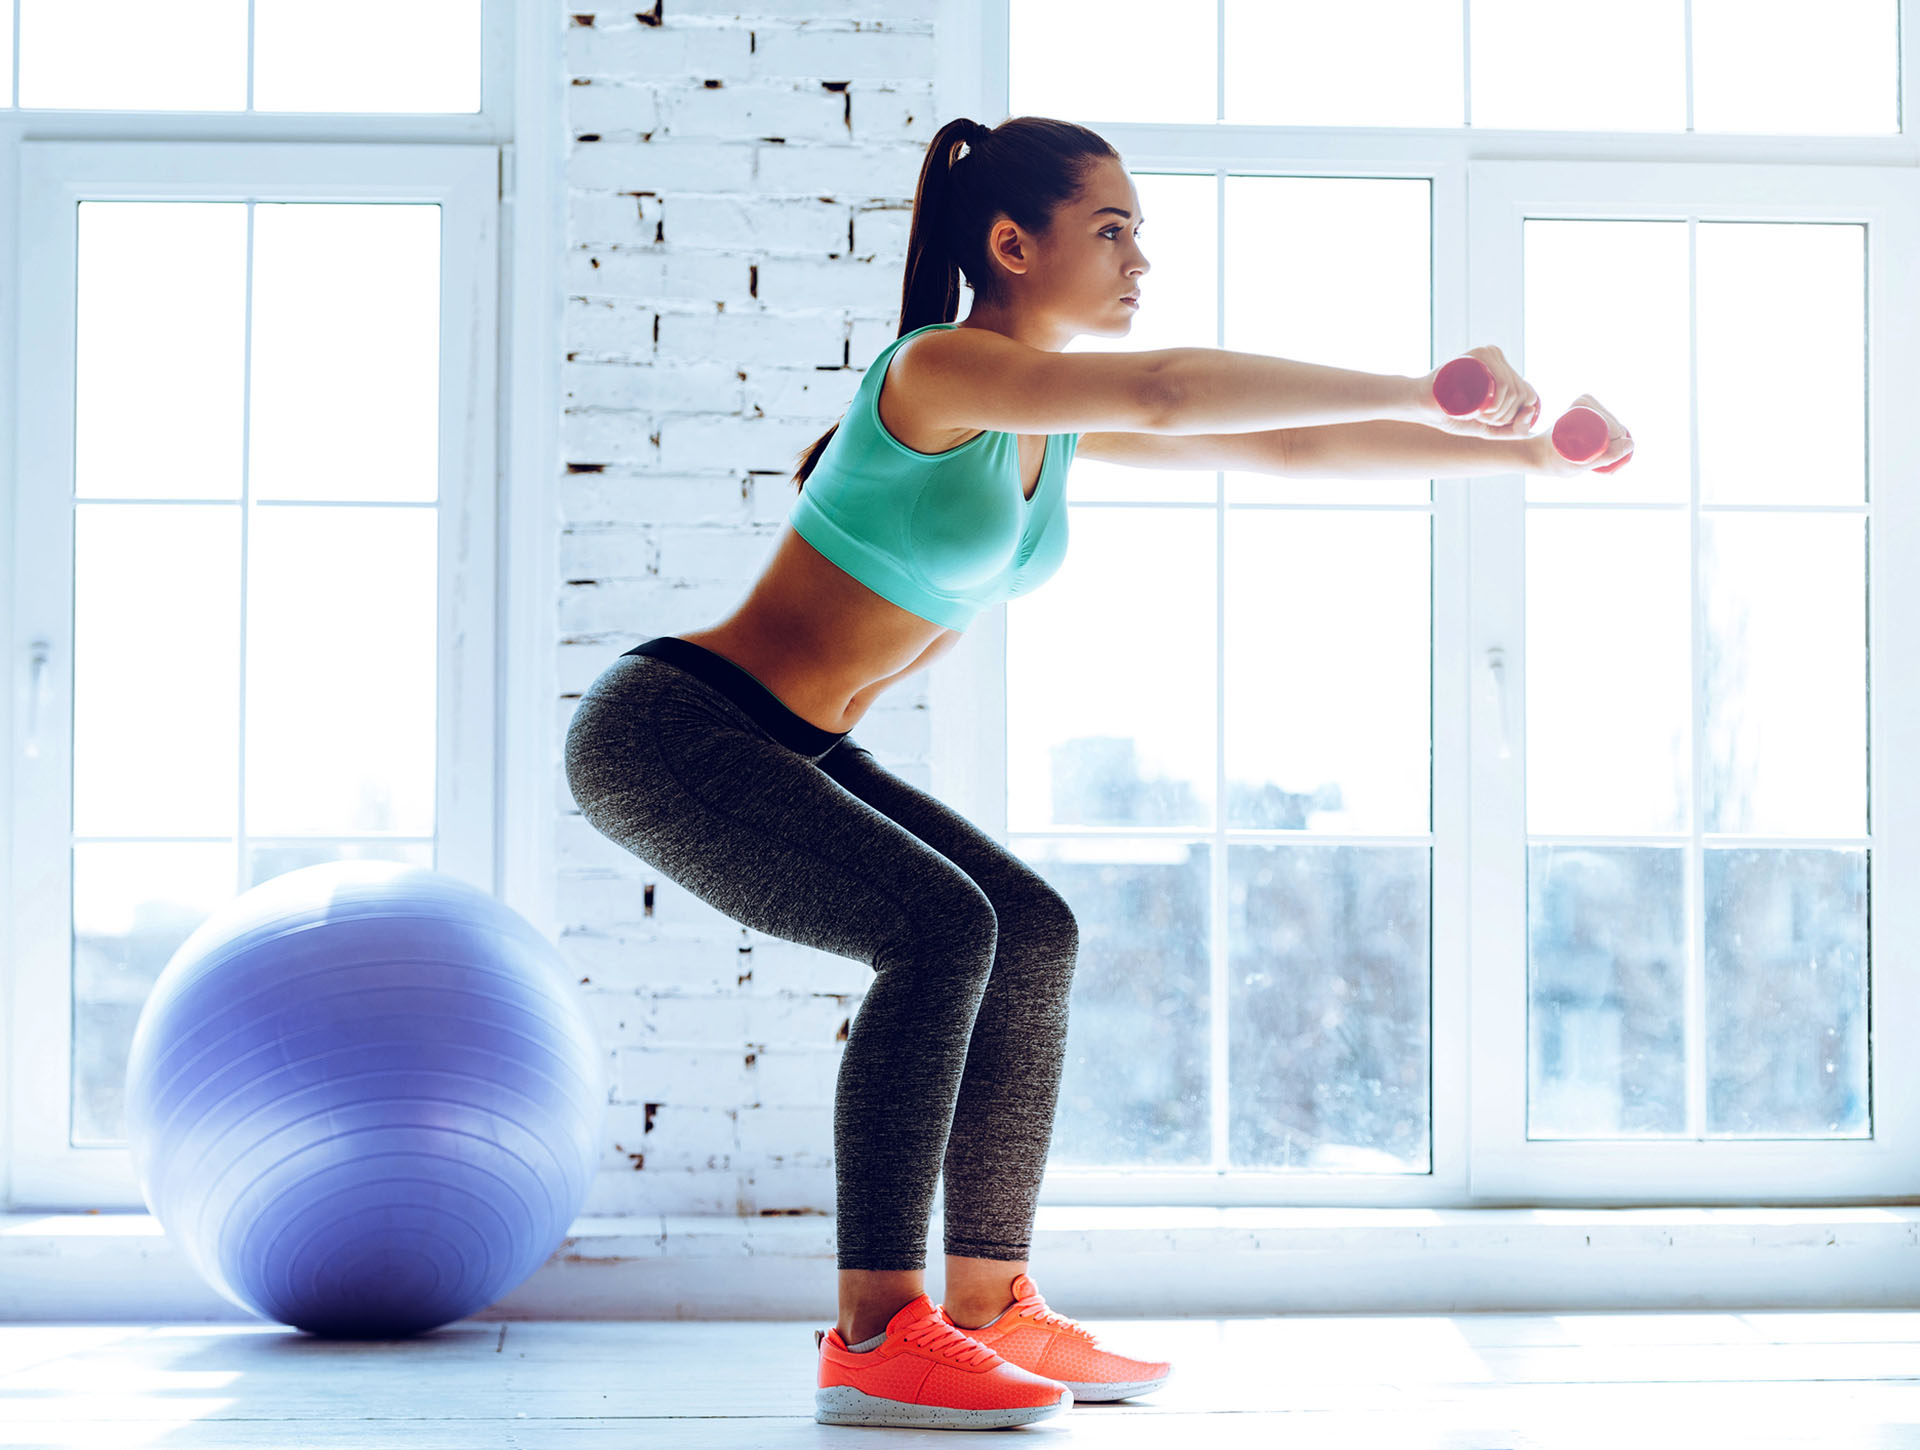 Realizar los ejercicios tratando de concentrar la fuerza en el músculo que se entrena